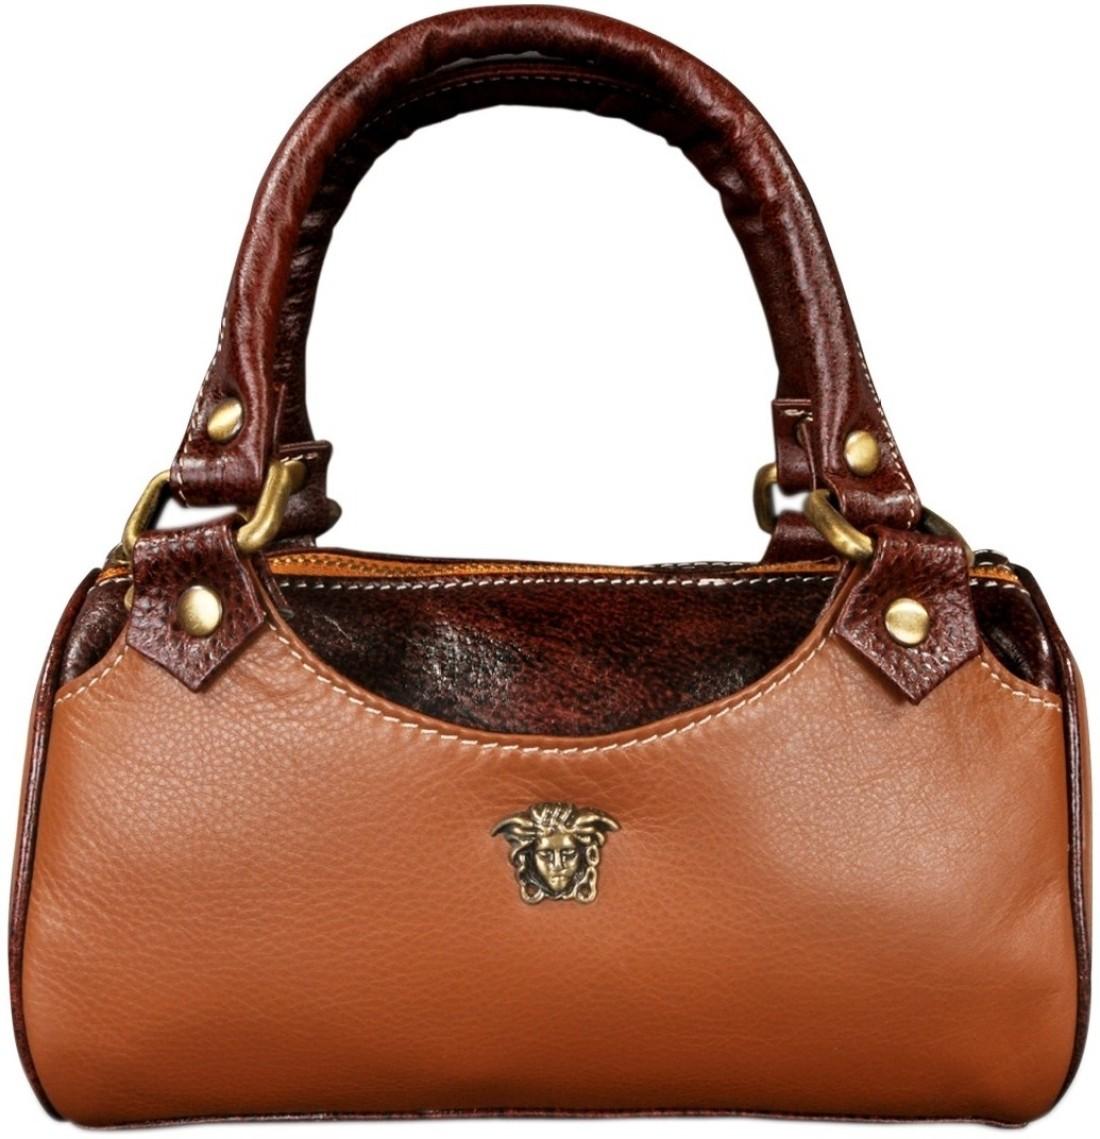 New Butterflies Perforated Design Hand Bag Hand Messenger Bag